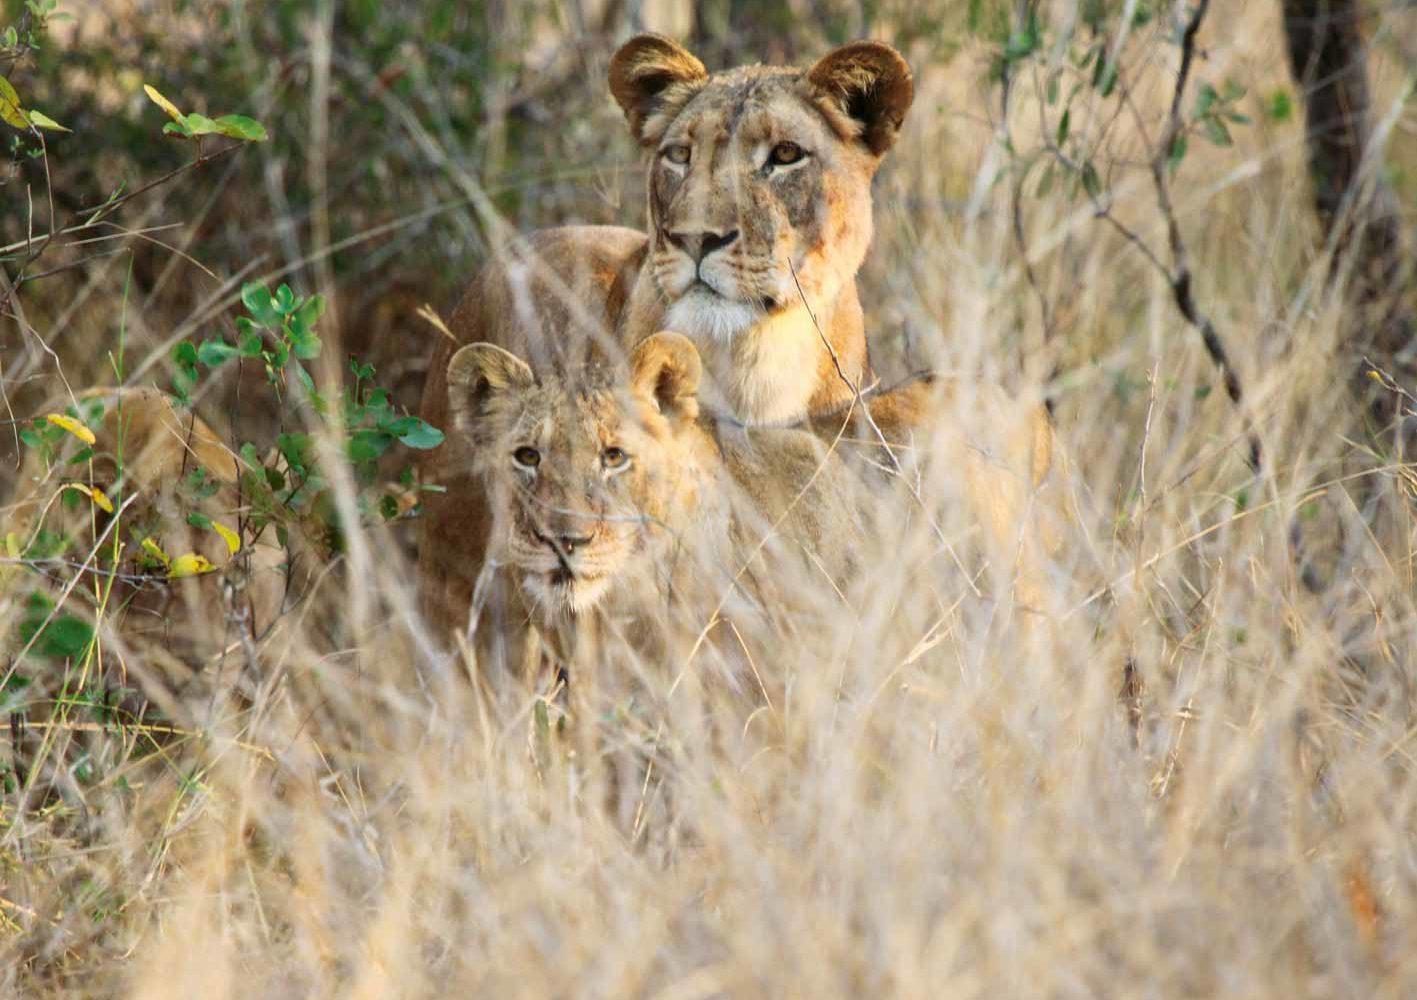 Löwenfamilie, gesichtet auf einer Safari, Zambia